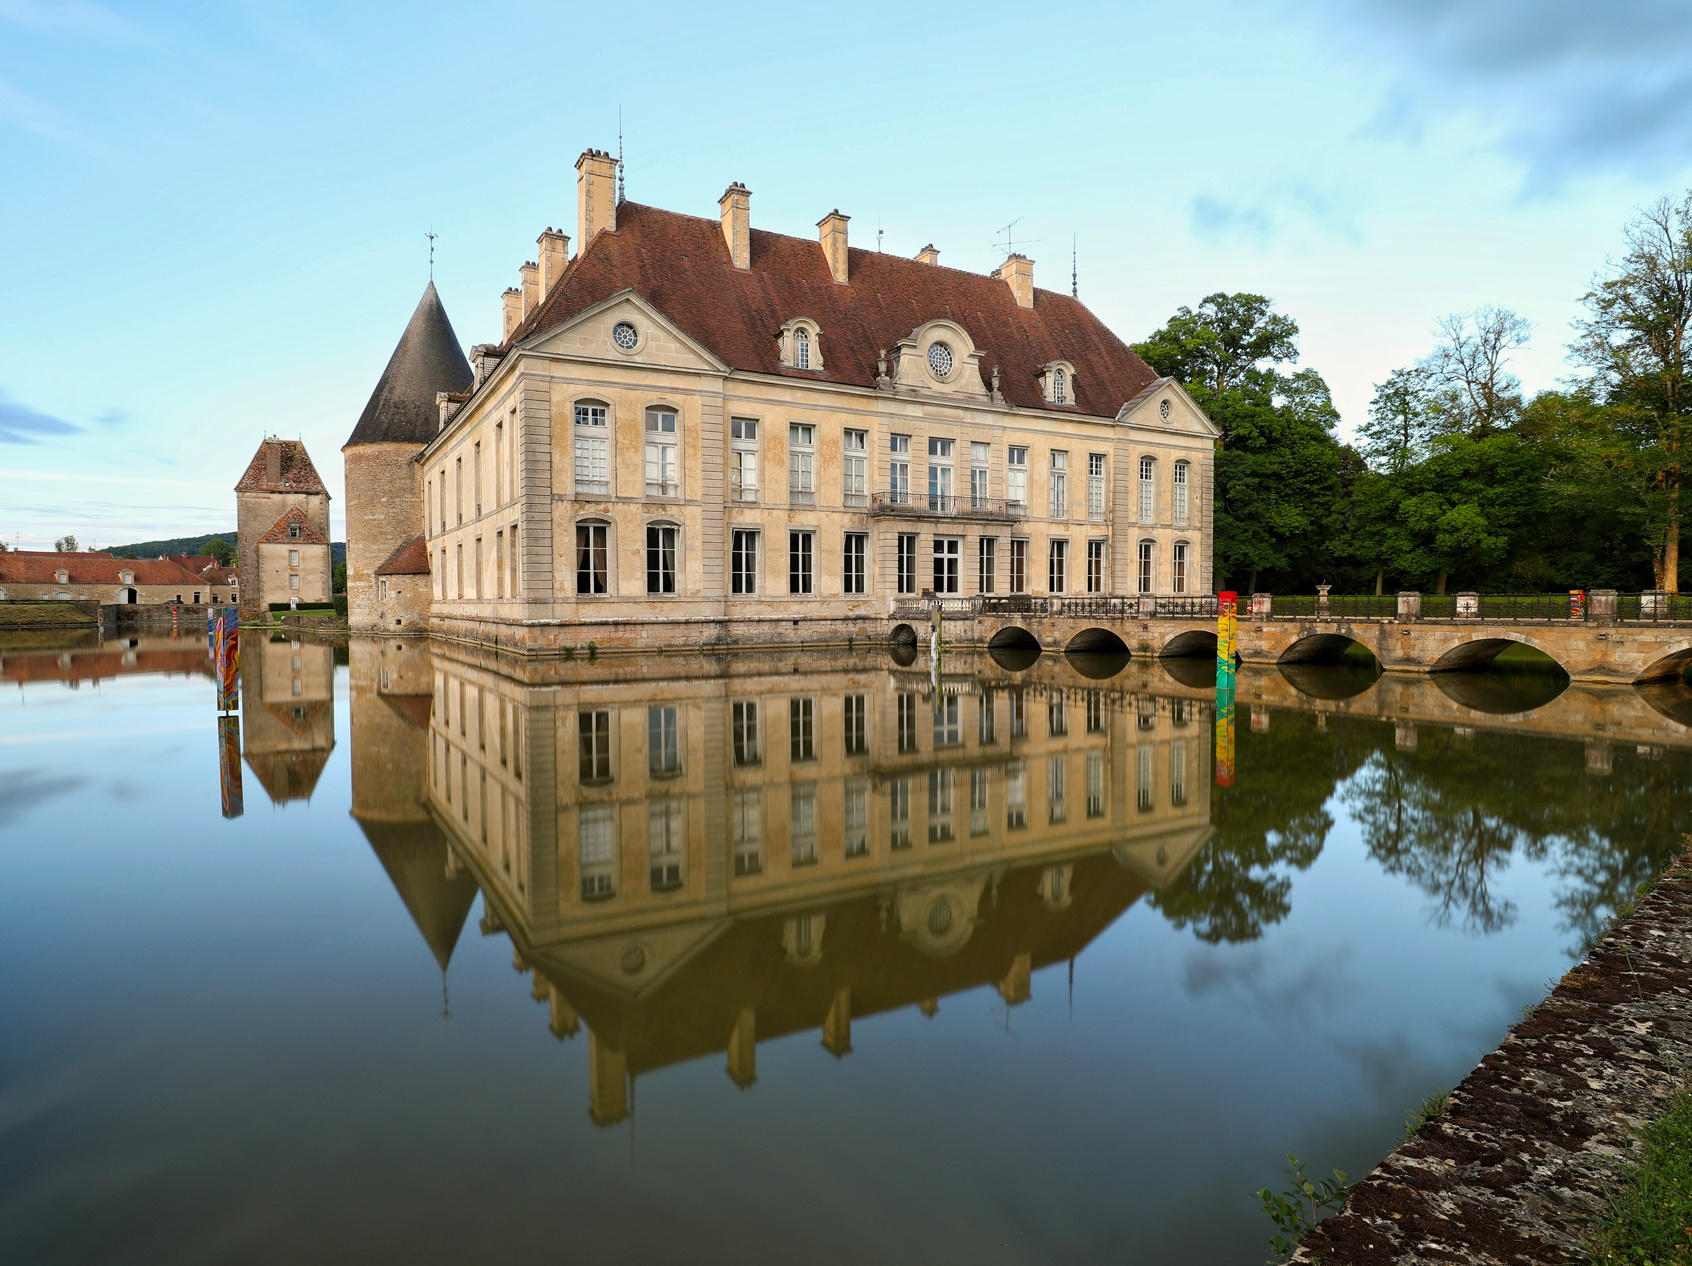 Pique-nique, musique, expo : le château de Commarin s'anime tout l'été